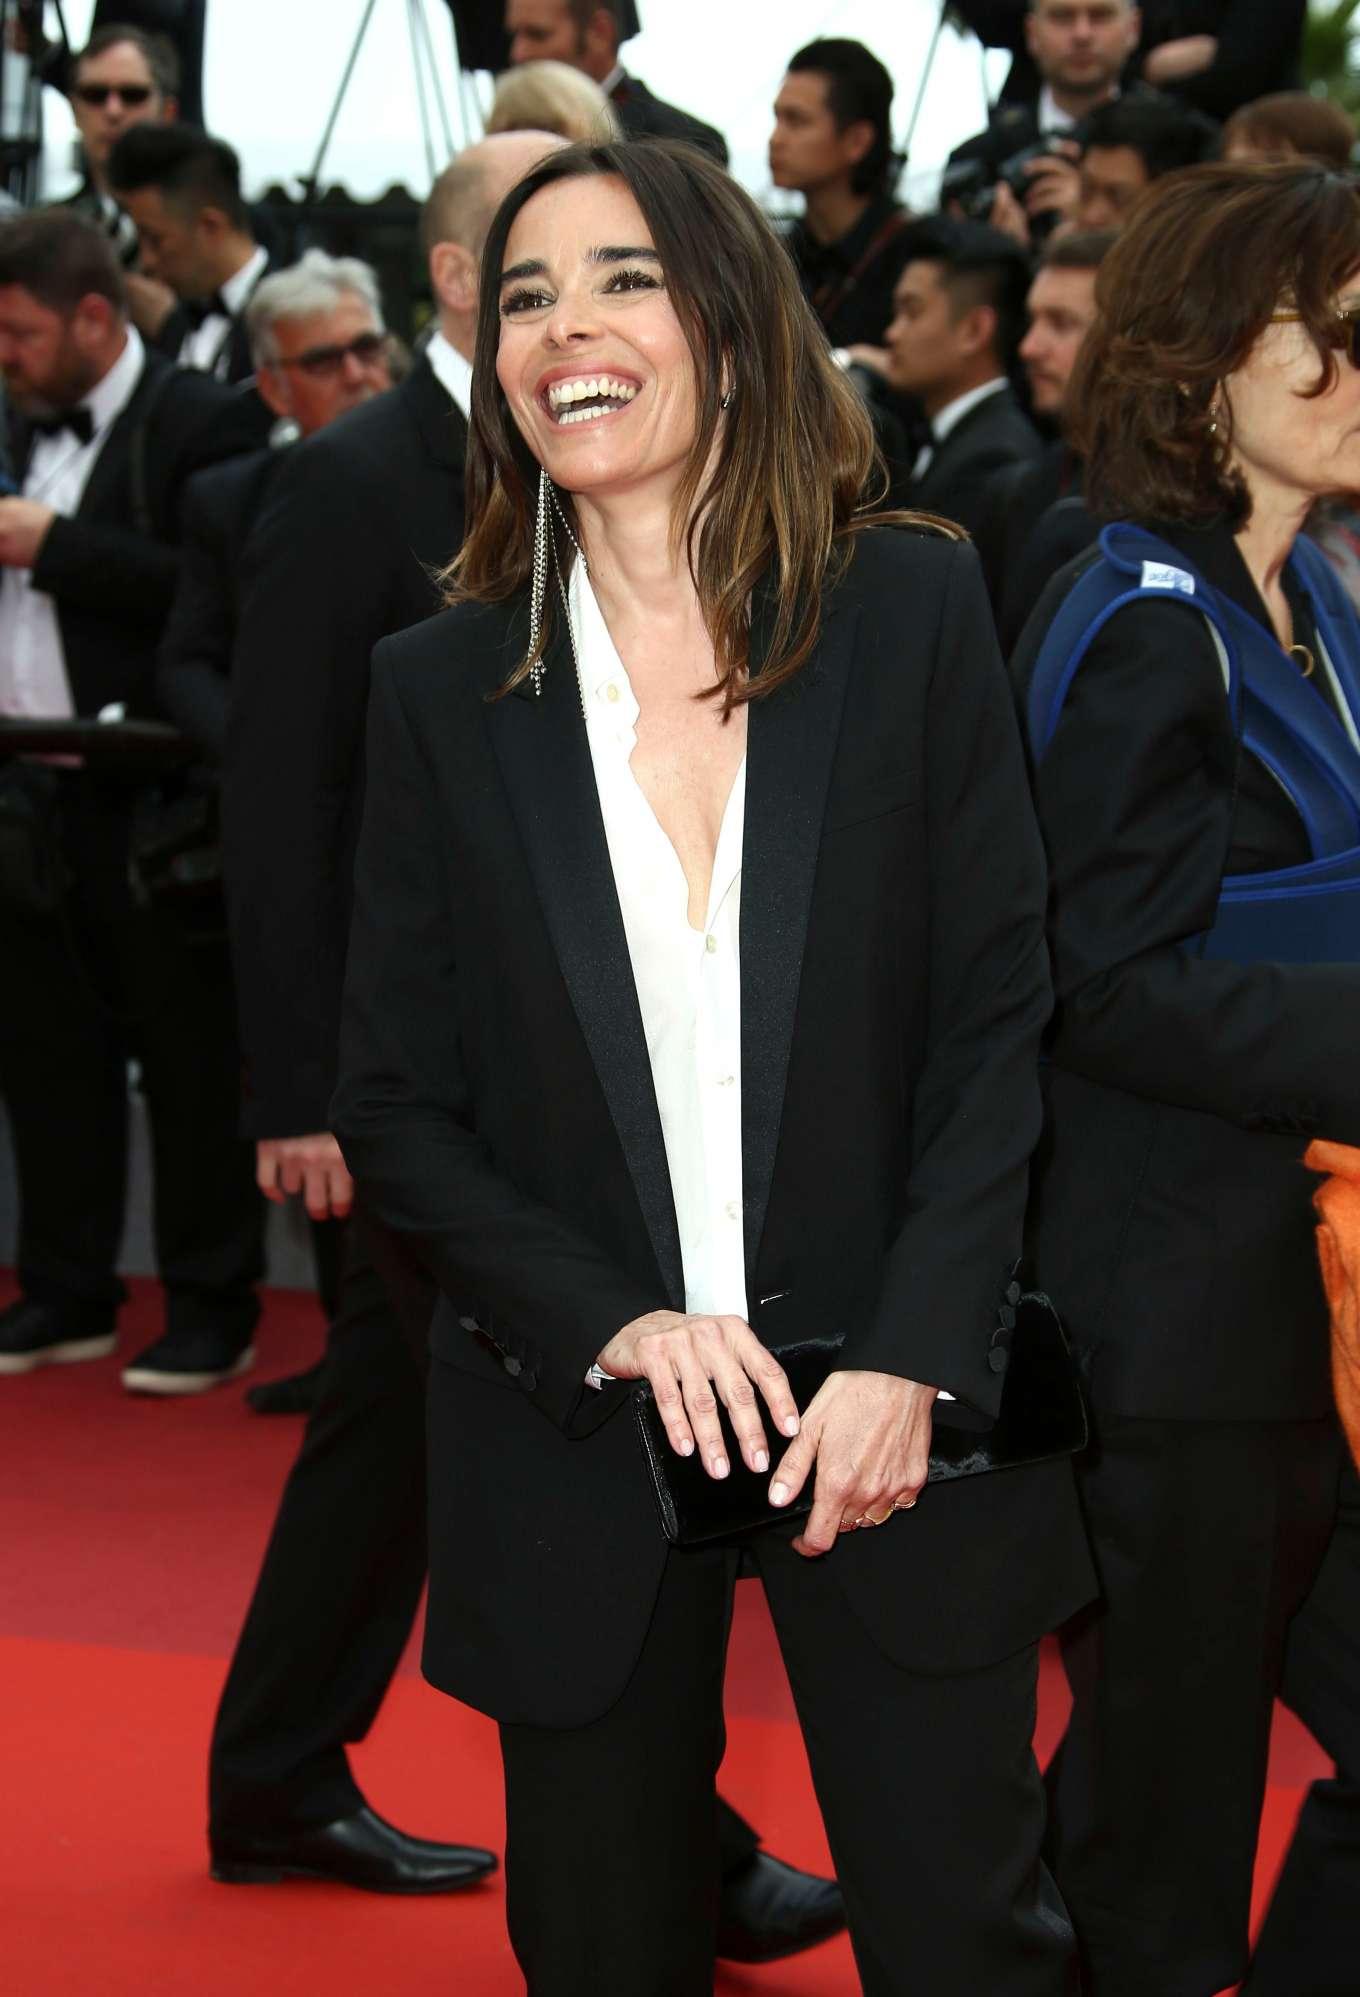 Elodie Bouchez 2019 : Elodie Bouchez: La Belle Epoque Premiere at 2019 Cannes Film Festival-09